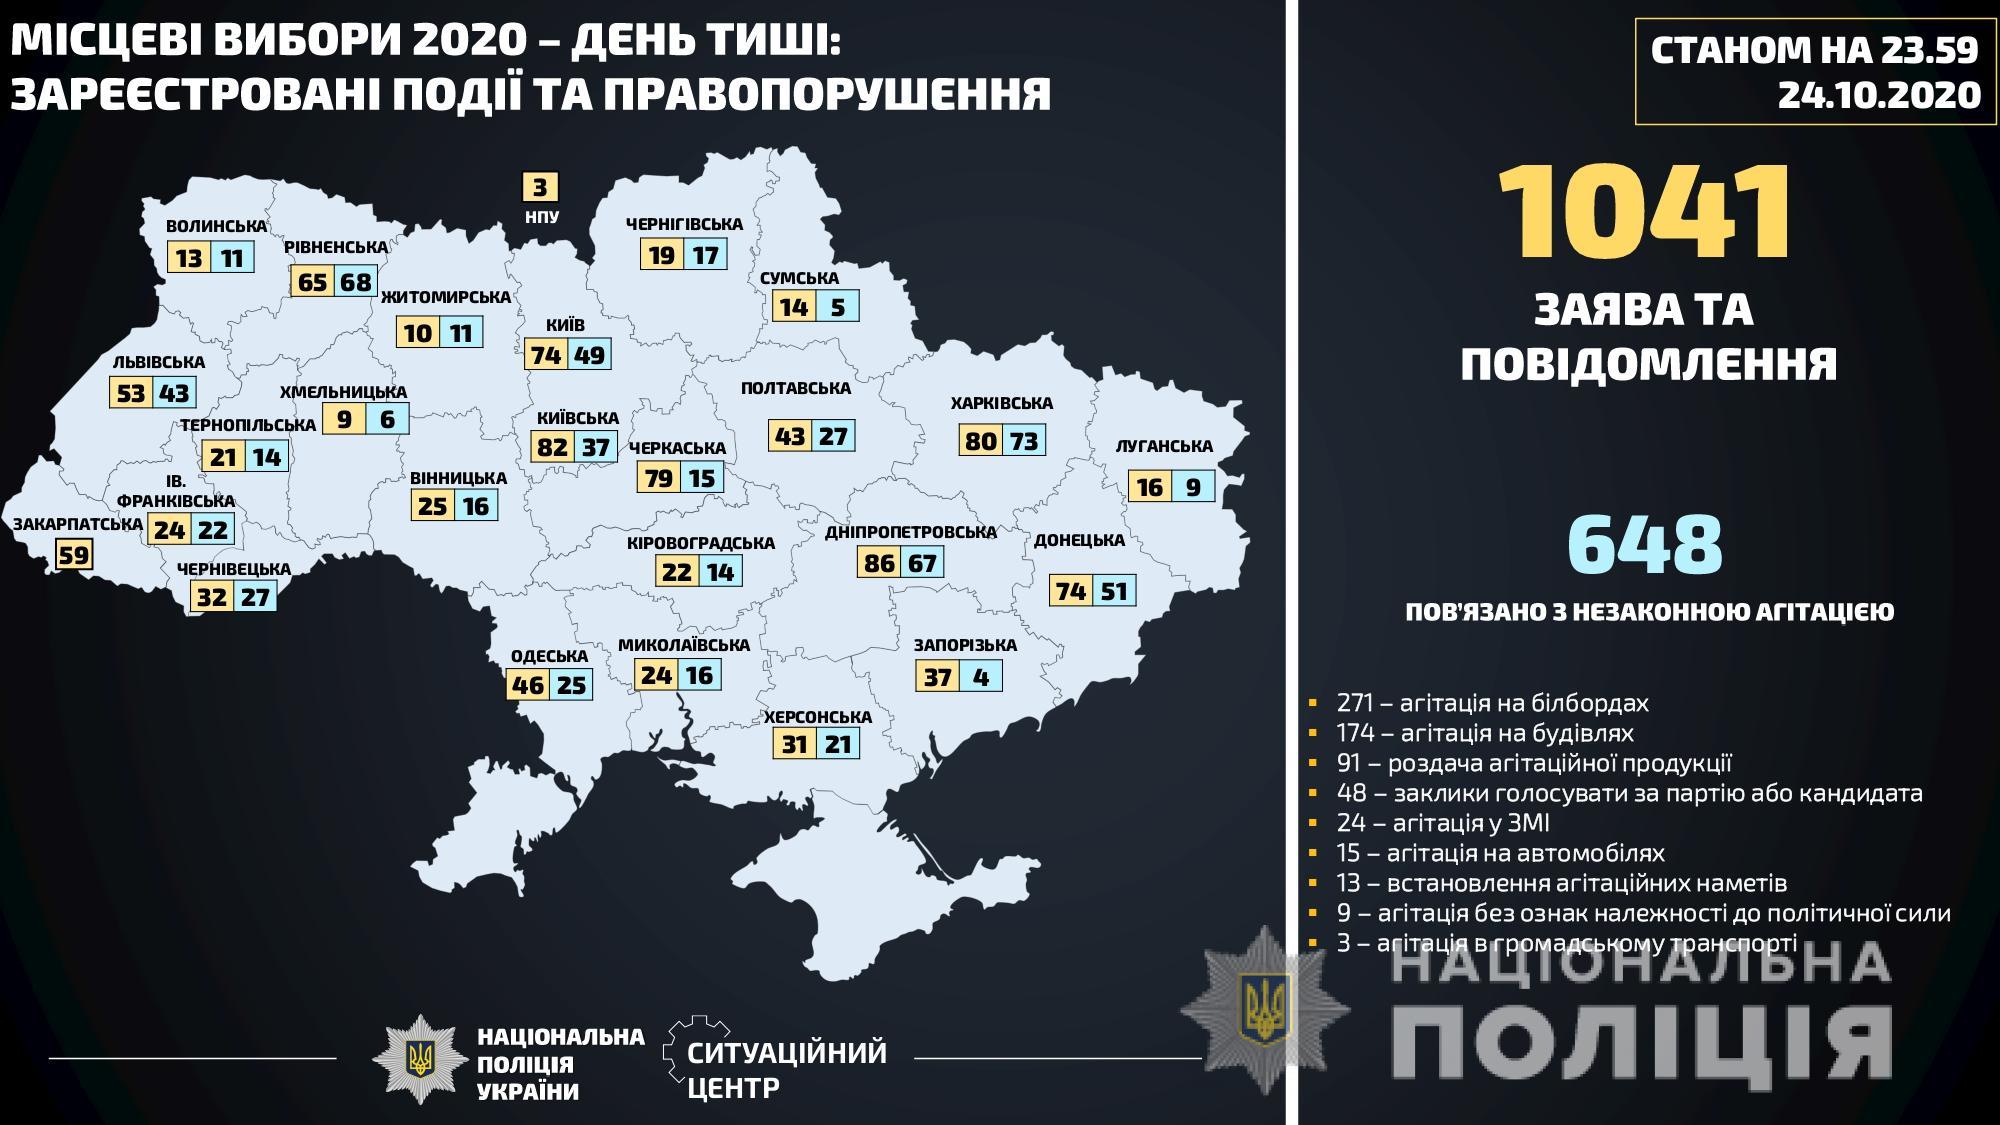 Местные выборы 2020: в день тишины полиция открыла 48 уголовных дел